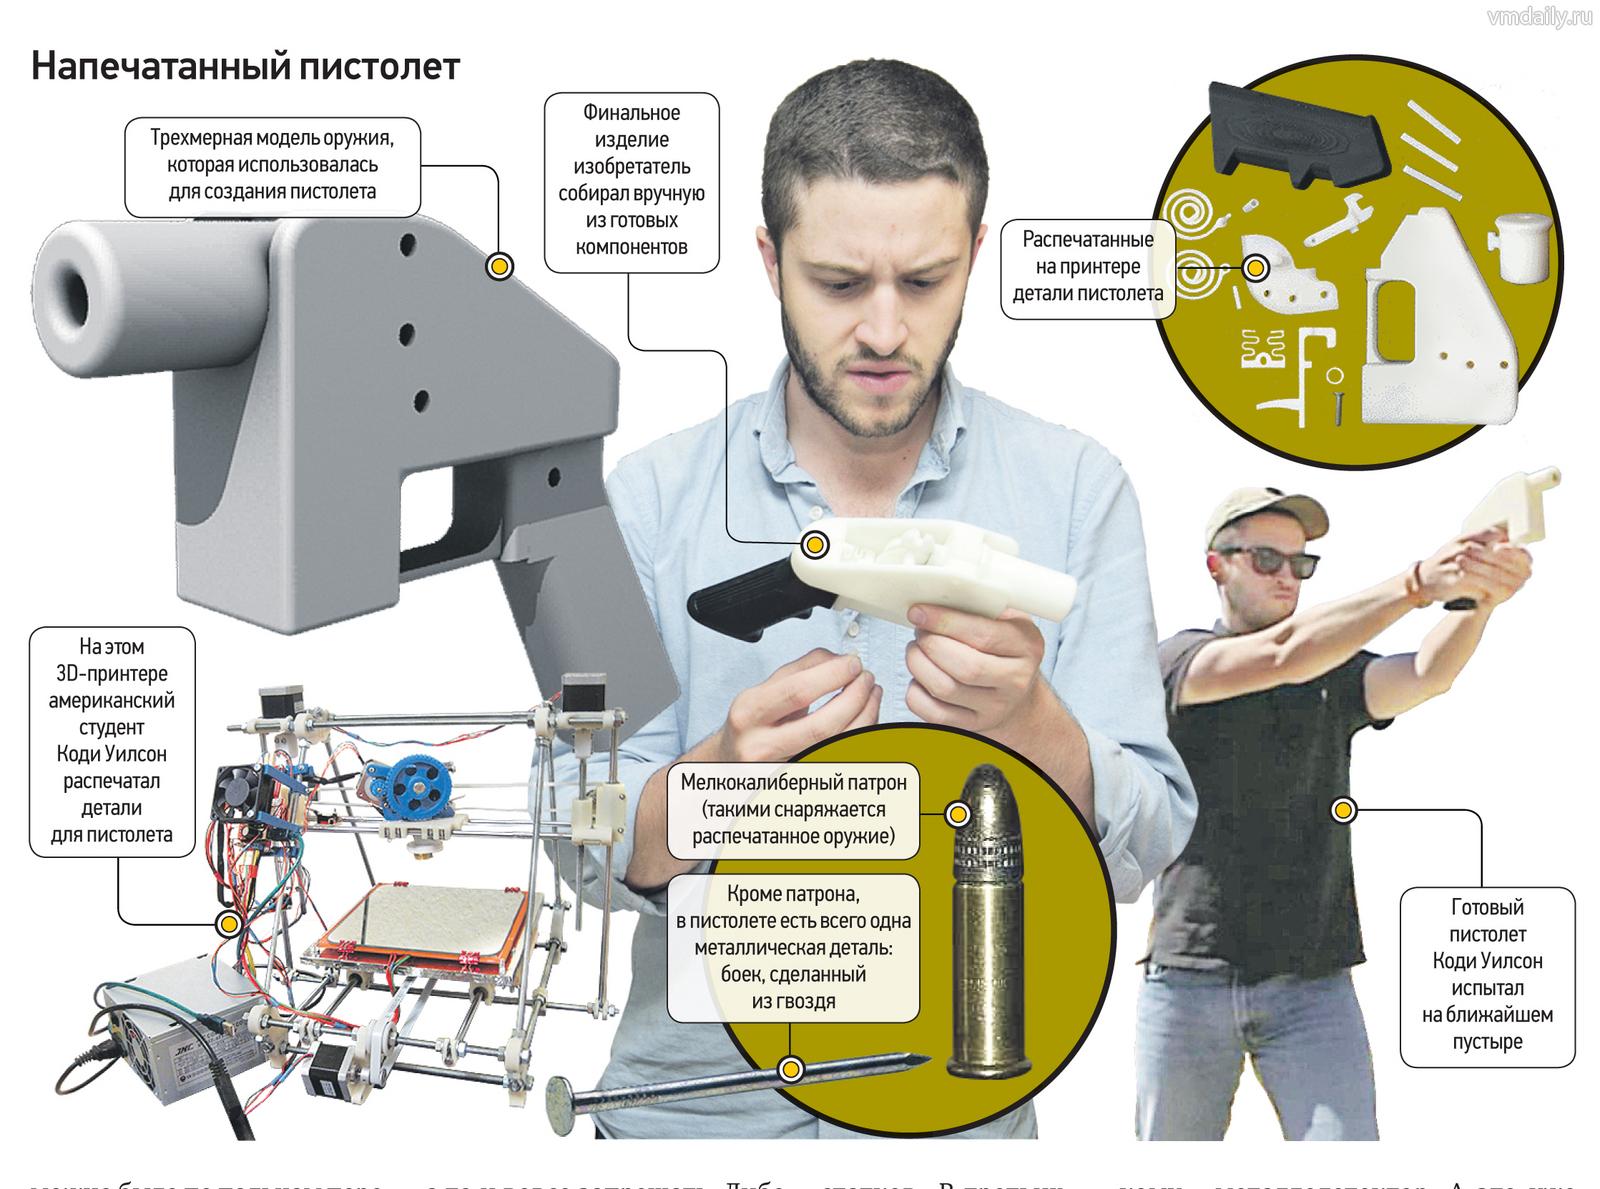 Пистолет распечатанный на 3D-принтере